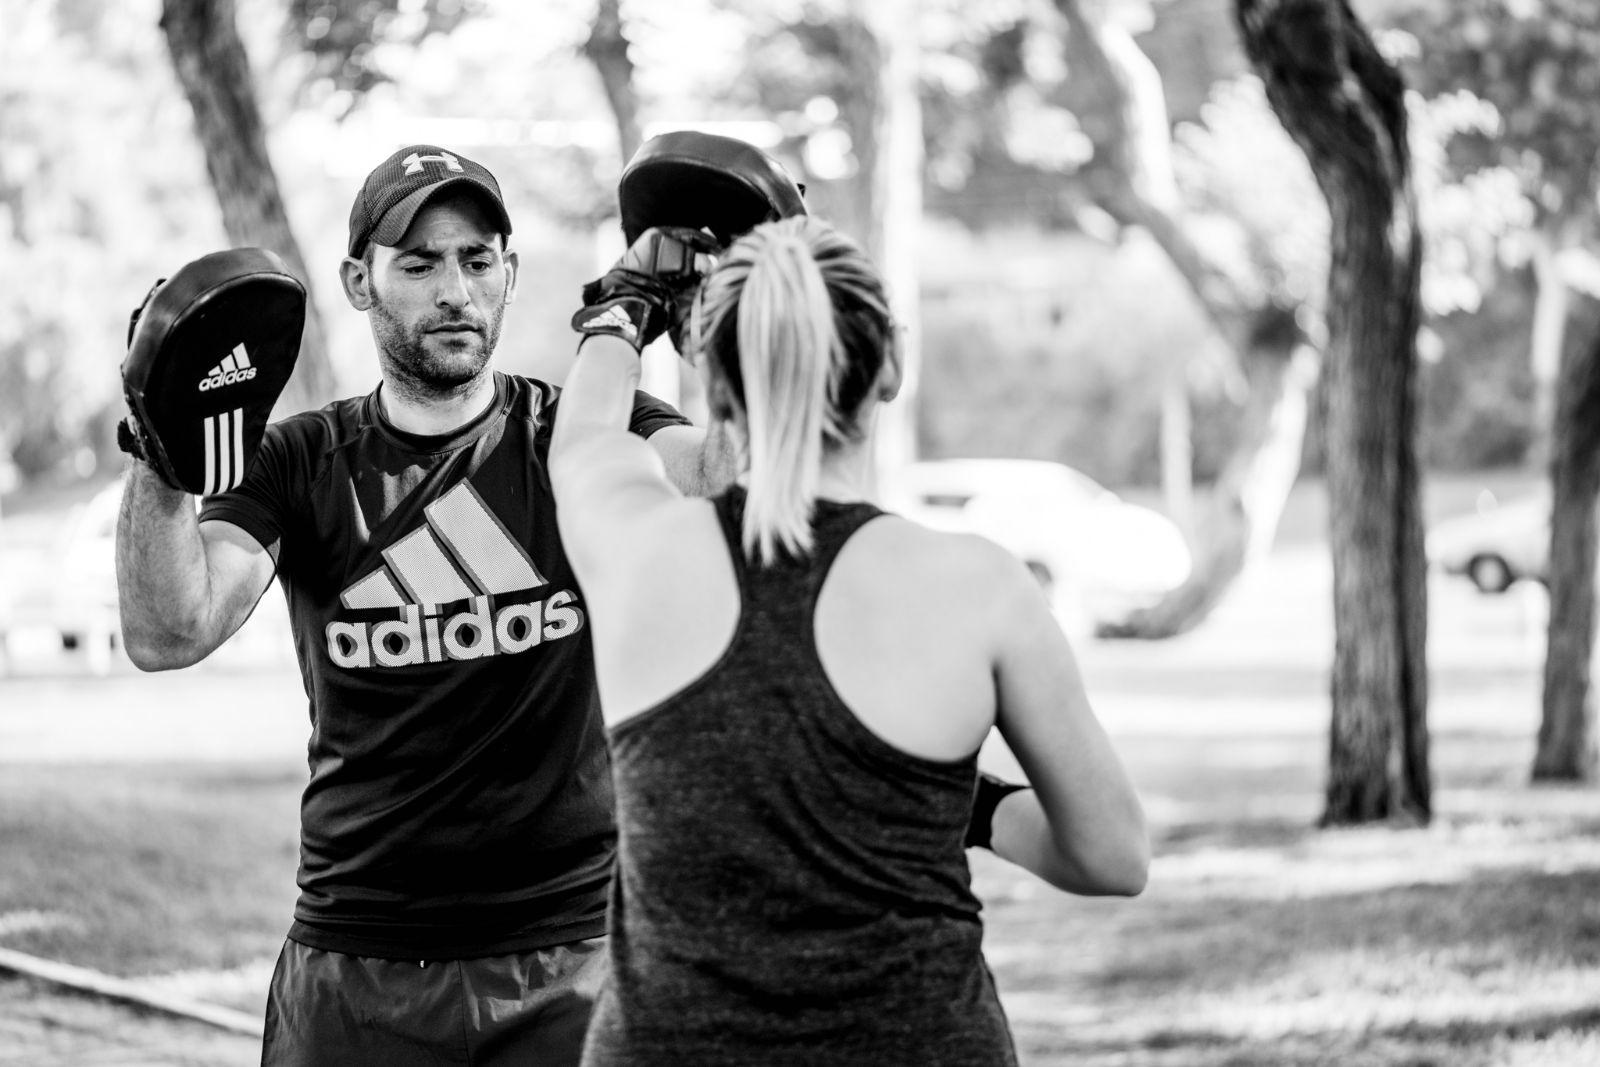 אלעד רוזנברג - מאמן כושר אישי